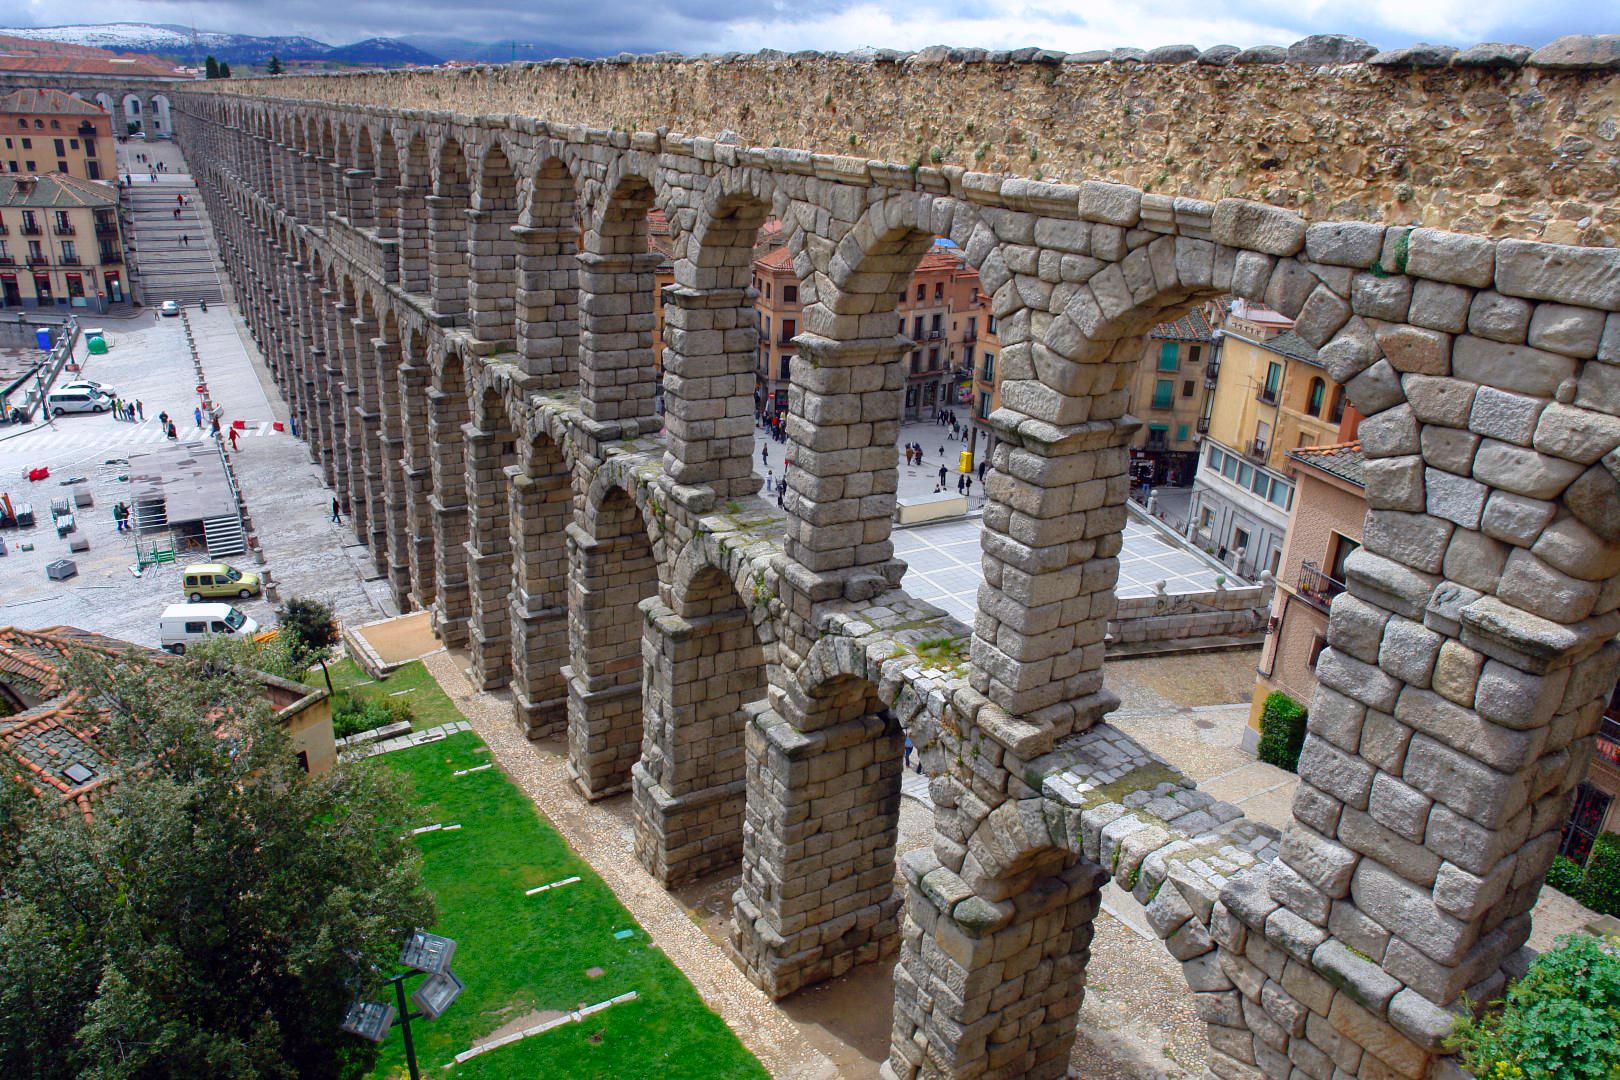 Qué ver Segovia, España qué ver en segovia - 30289238784 28d1c06a4d o - Qué ver en Segovia, España